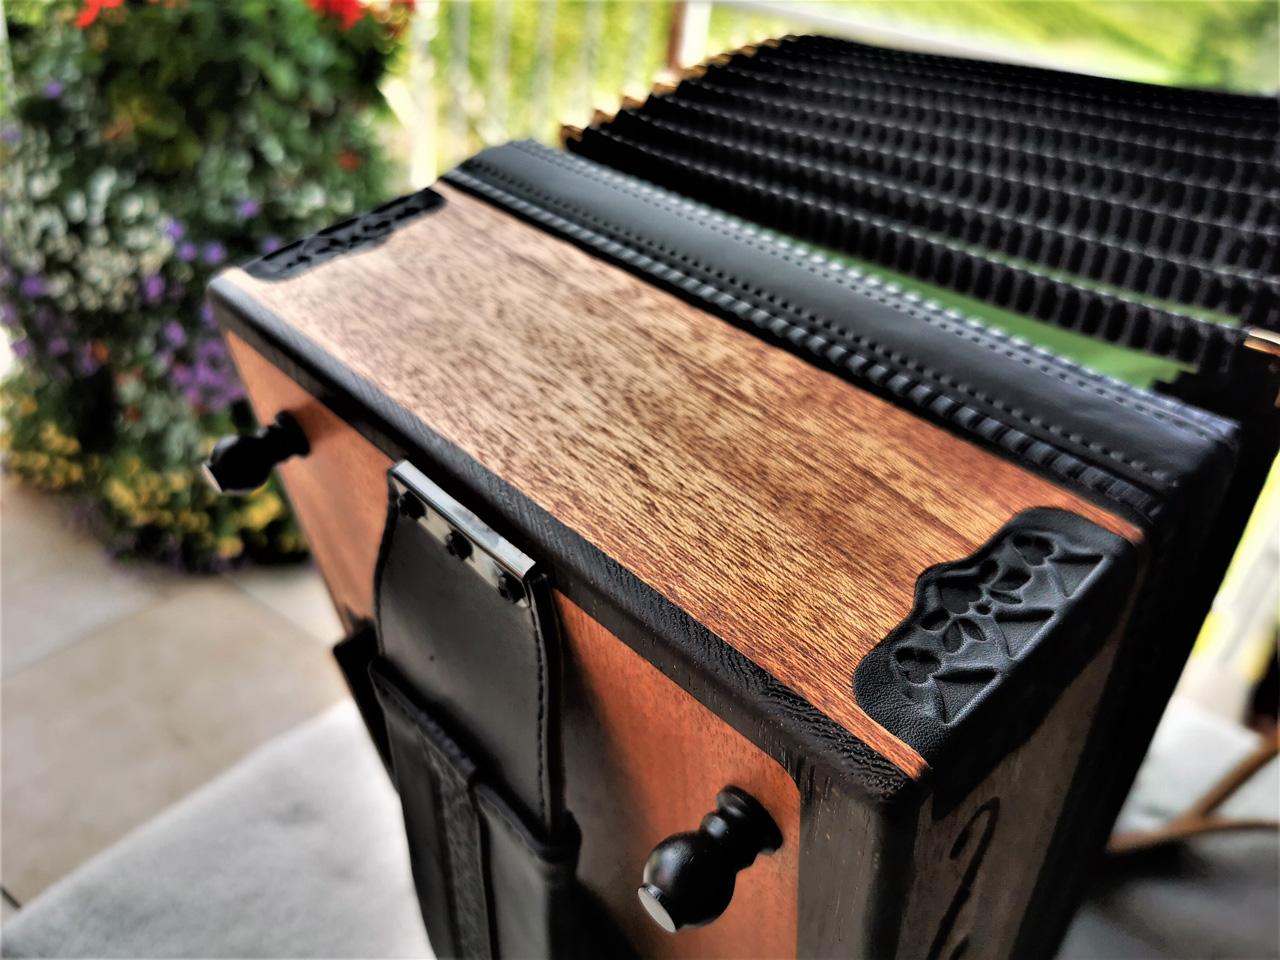 Steirische Harmonika aus Mahagoni-Holz von oben